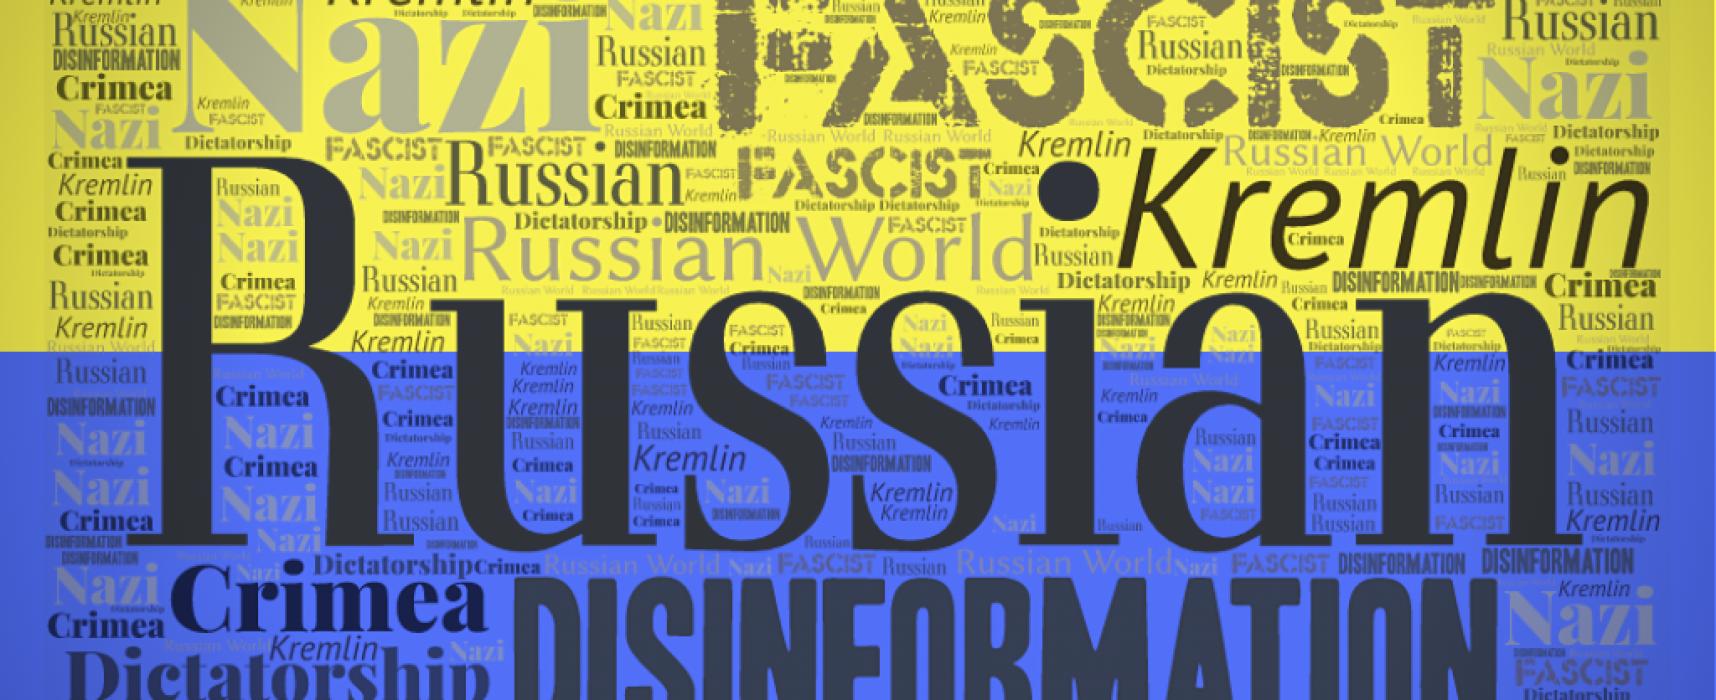 Twitter a publié 10 millions d'articles de bots russes et iraniens